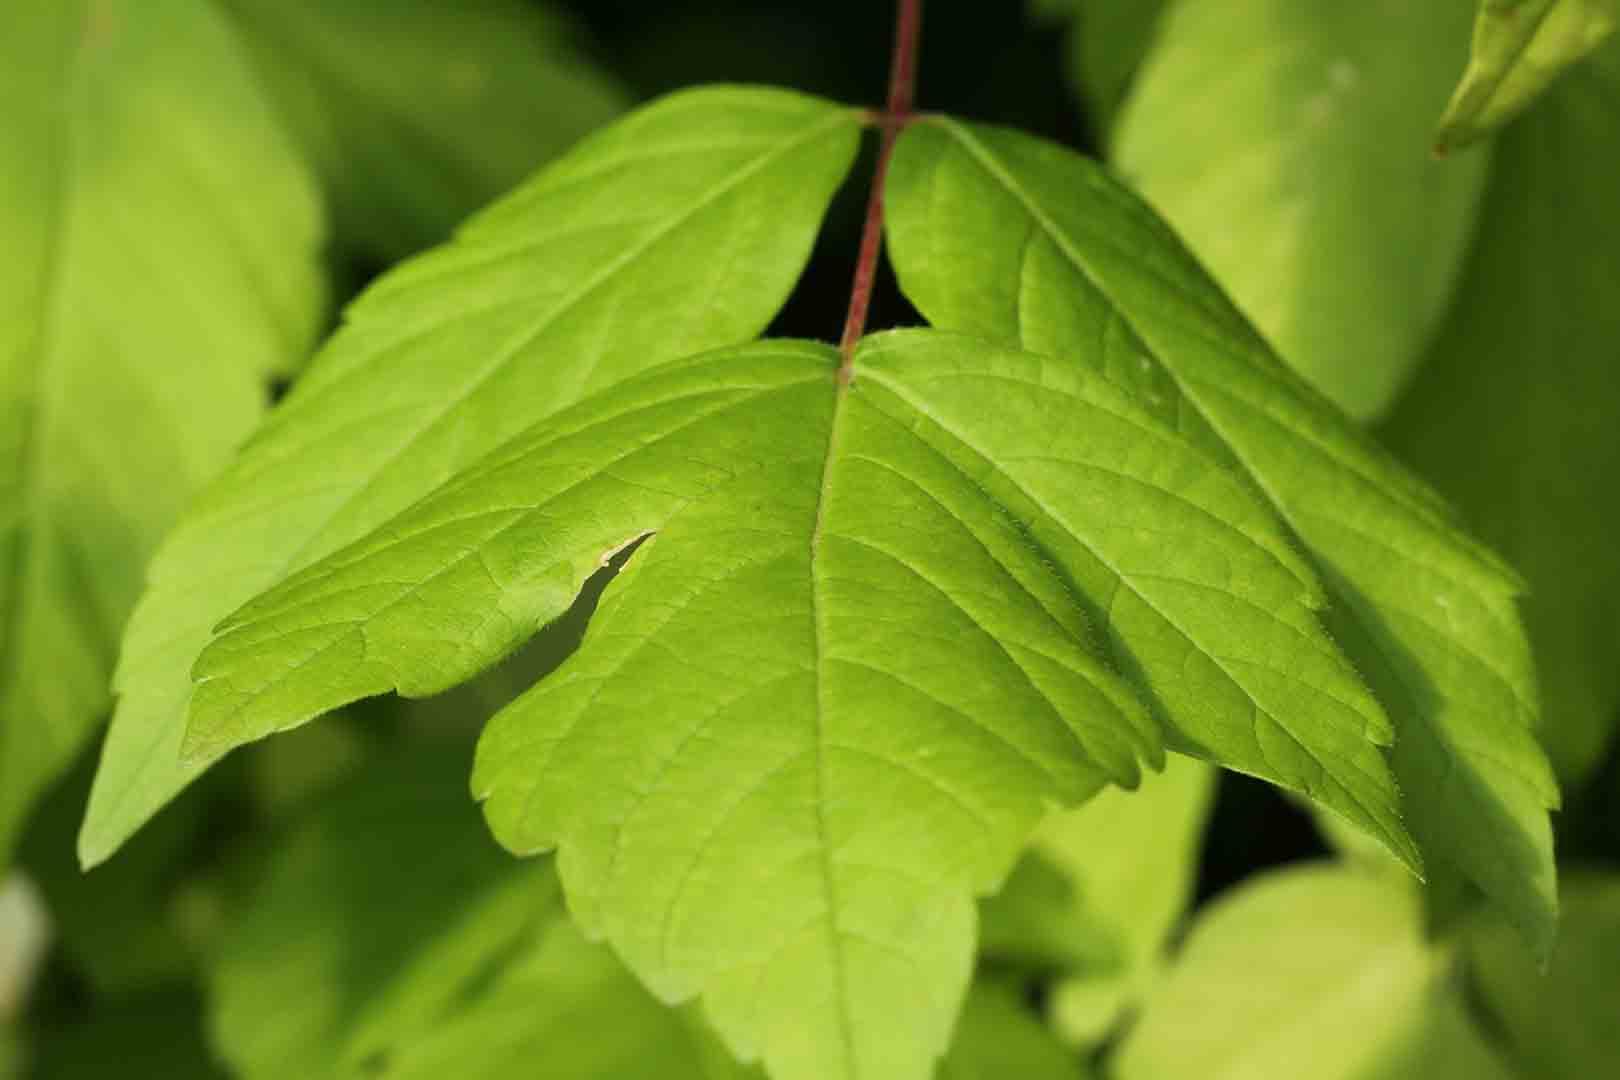 Acer negundo rbol de sombra de r pido crecimiento arce - Arce arbol espana ...